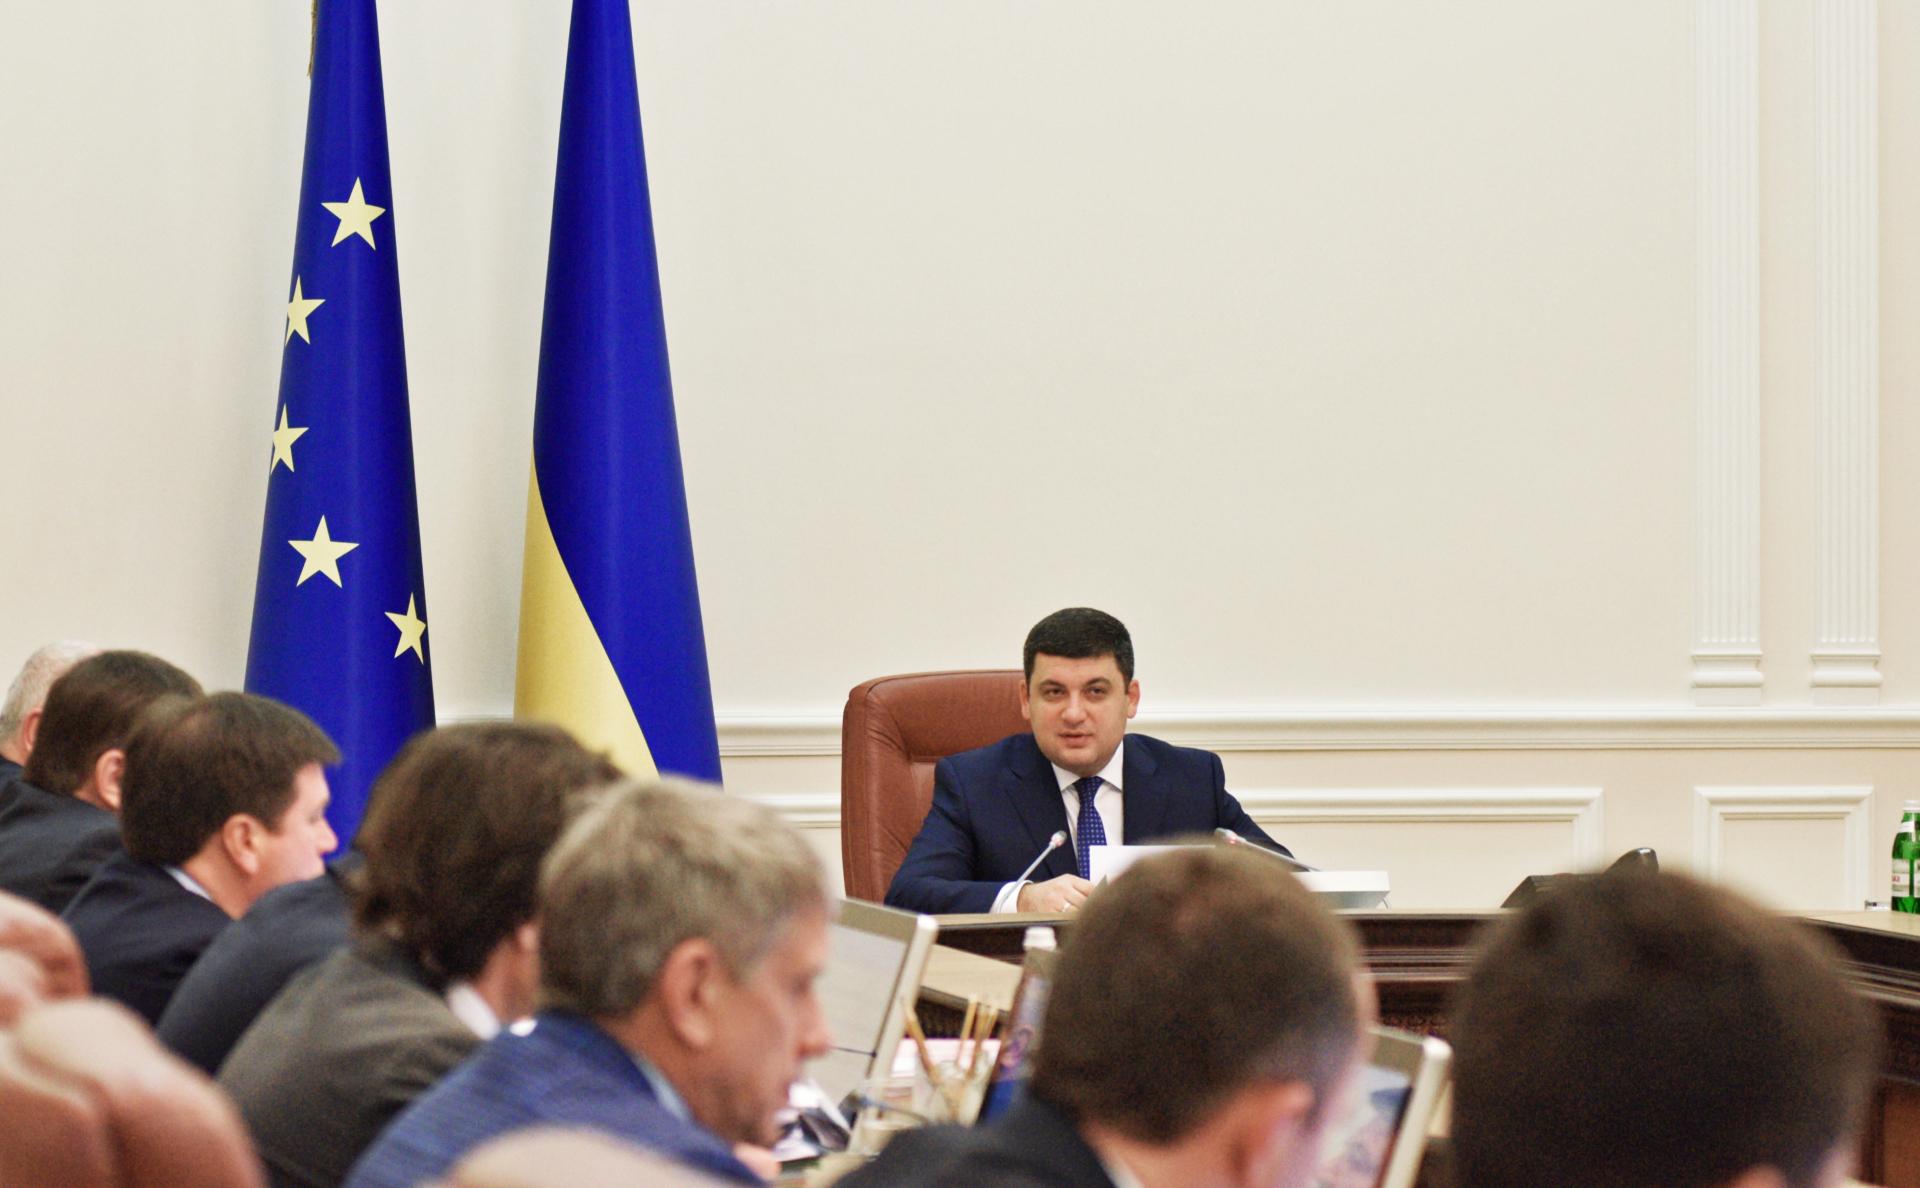 Владимир Гройсман (в центре) на заседании кабинета министров Украины